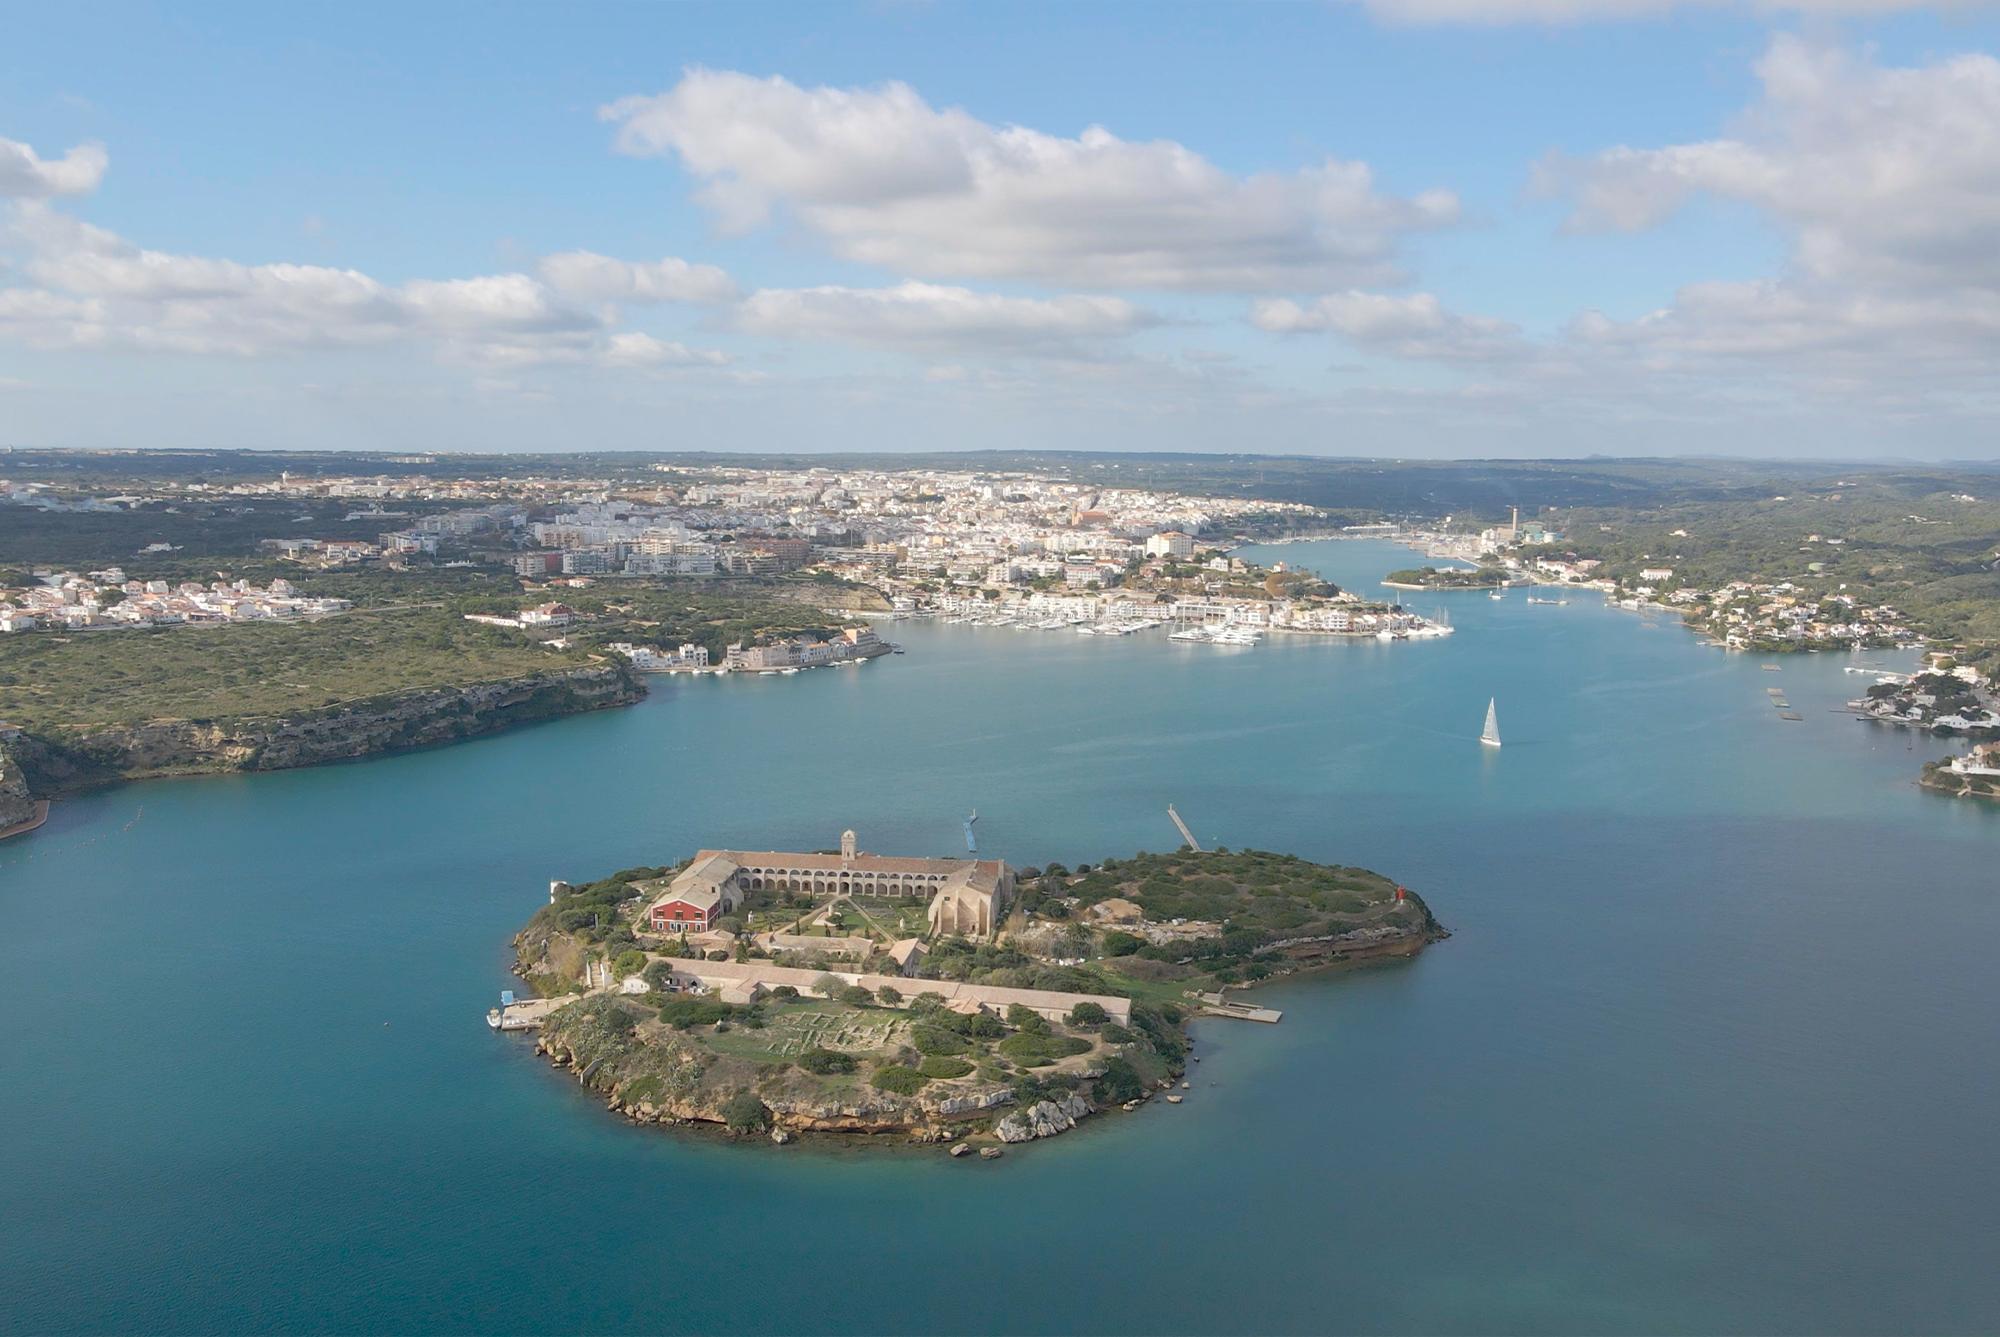 Illa del rei_2000x1337px